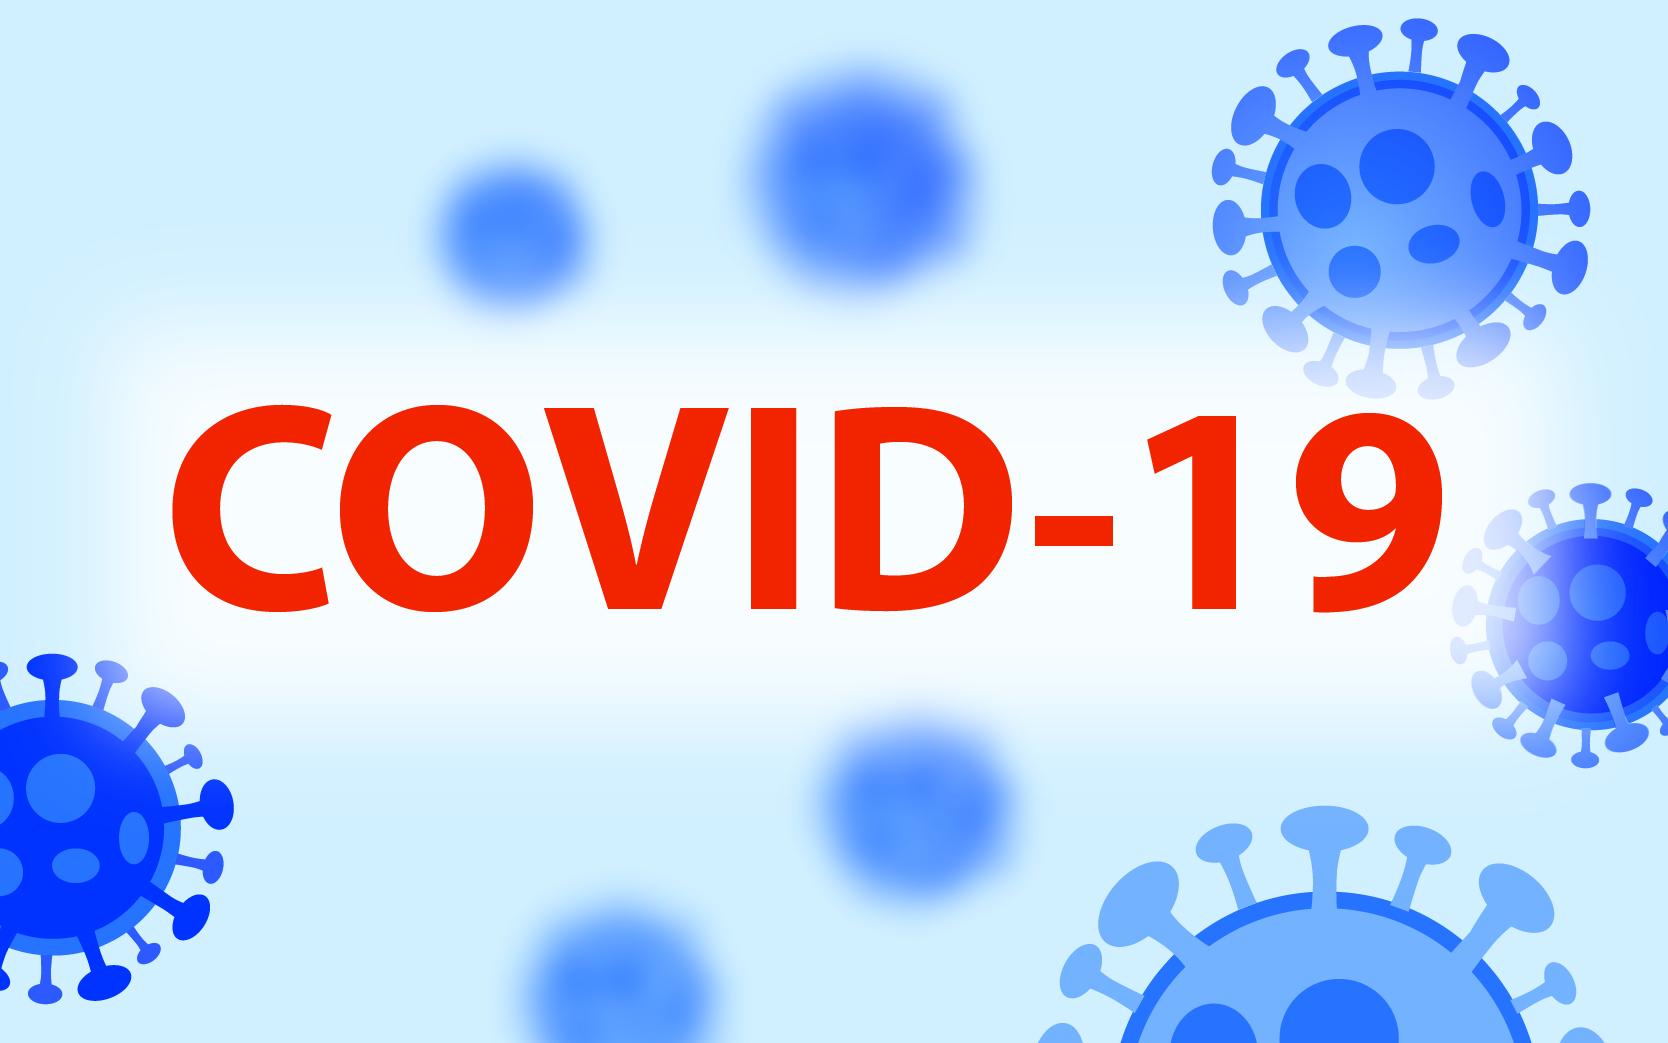 Tratamentul pacienților cu COVID-19 în condiții de ambulator.                  Răspunsul Ministerului Sănătății, Muncii și Protecției Sociale al Republicii Moldova